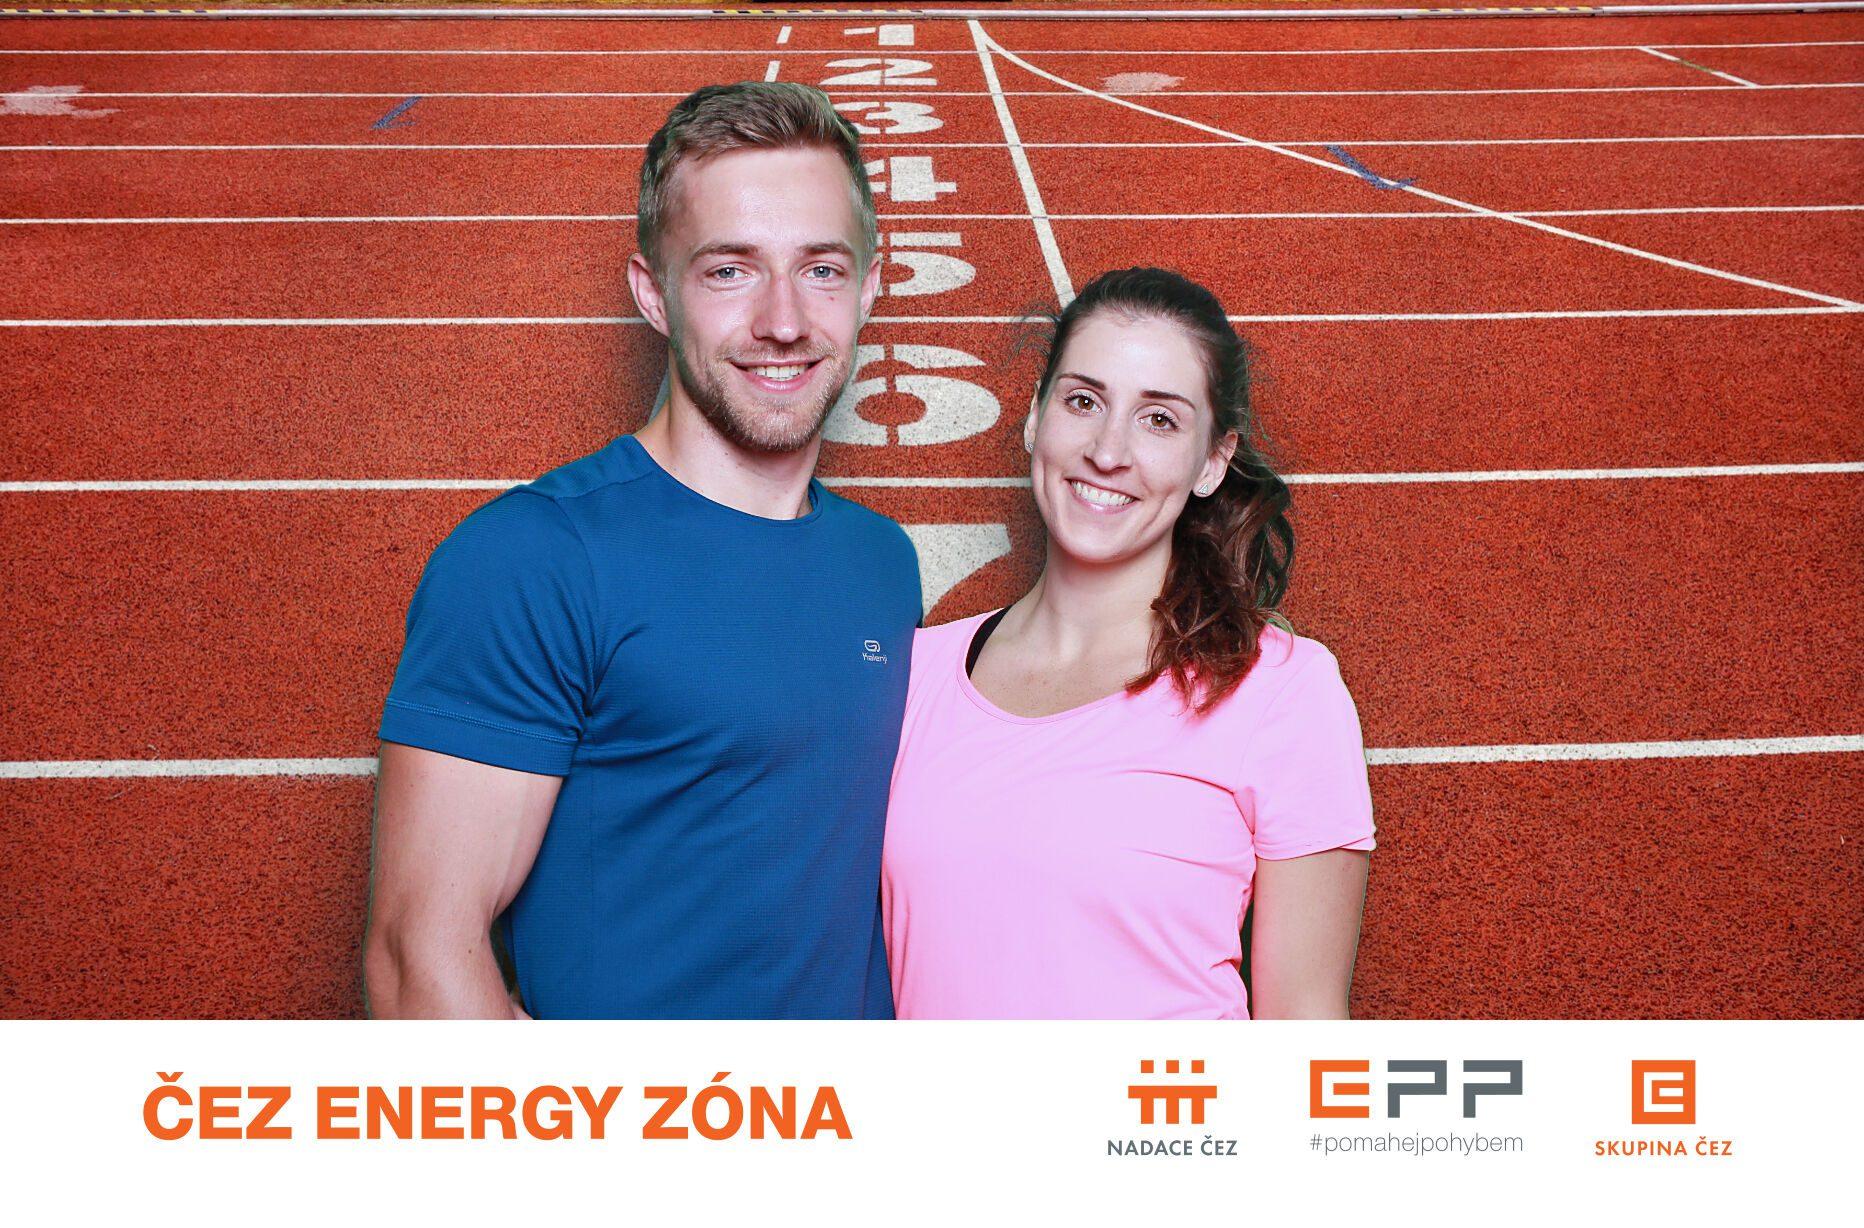 fotokoutek-olympijsky-festival-cez-energy-zona-29-7-2021-738850